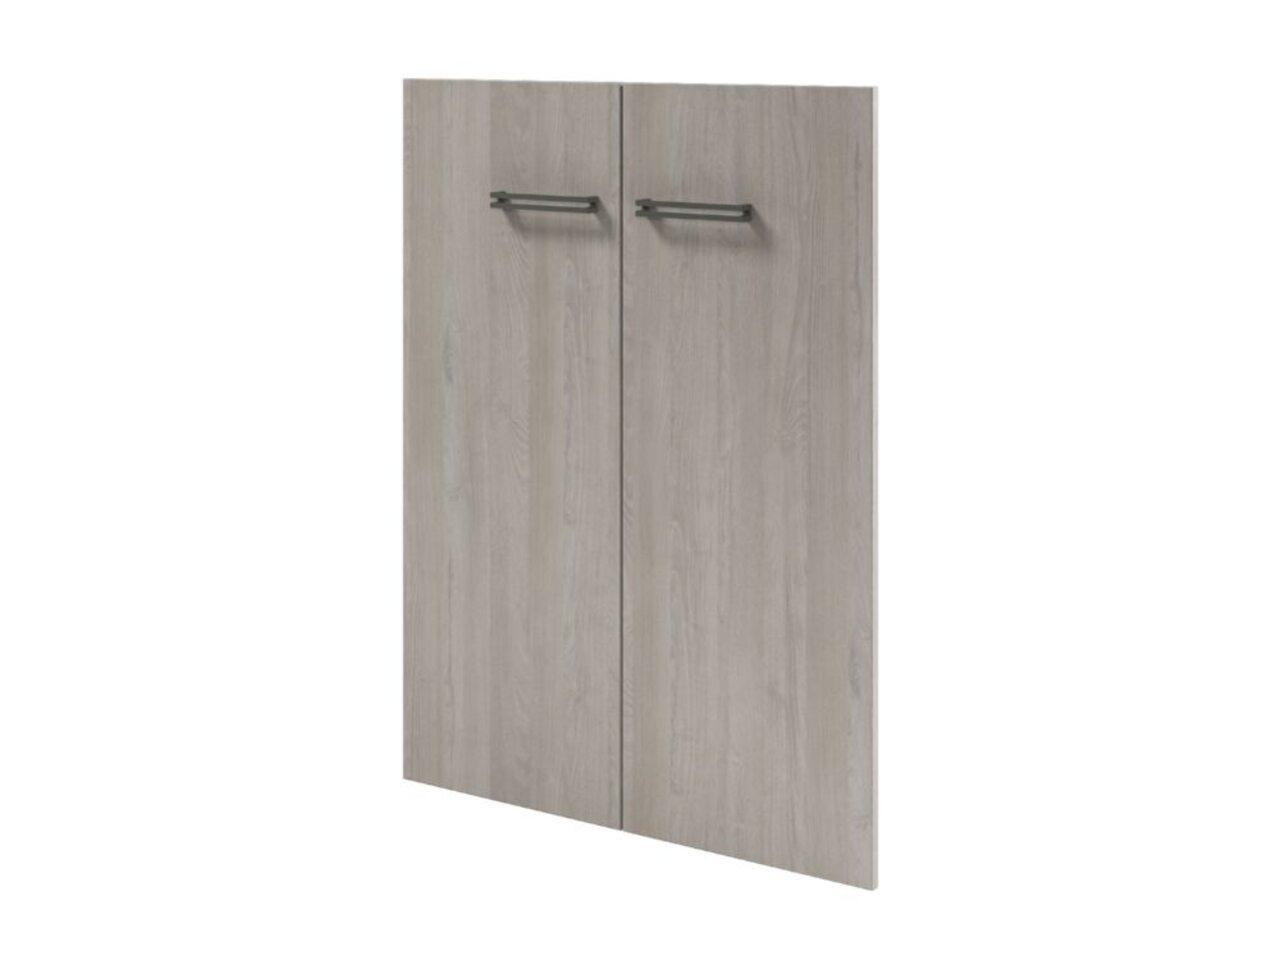 Двери средние  Solution 39x1x107 - фото 3